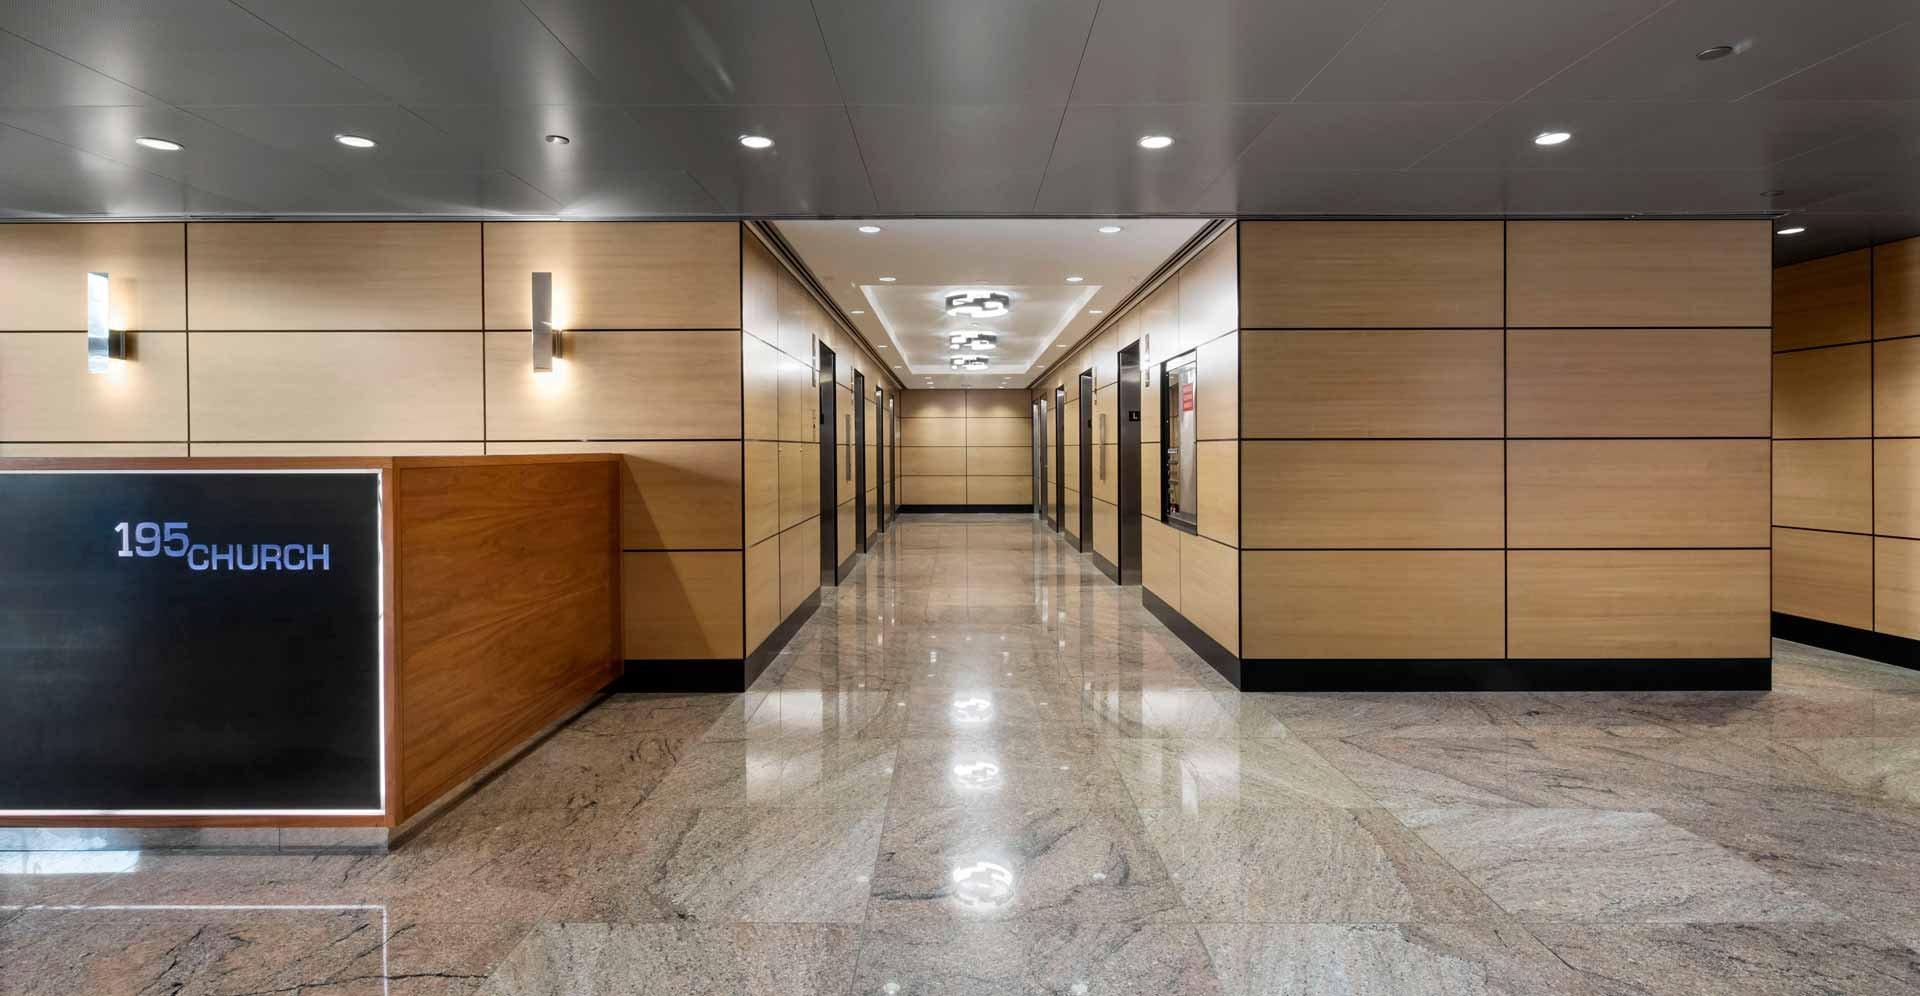 195-a-lobby-02-hall.jpg